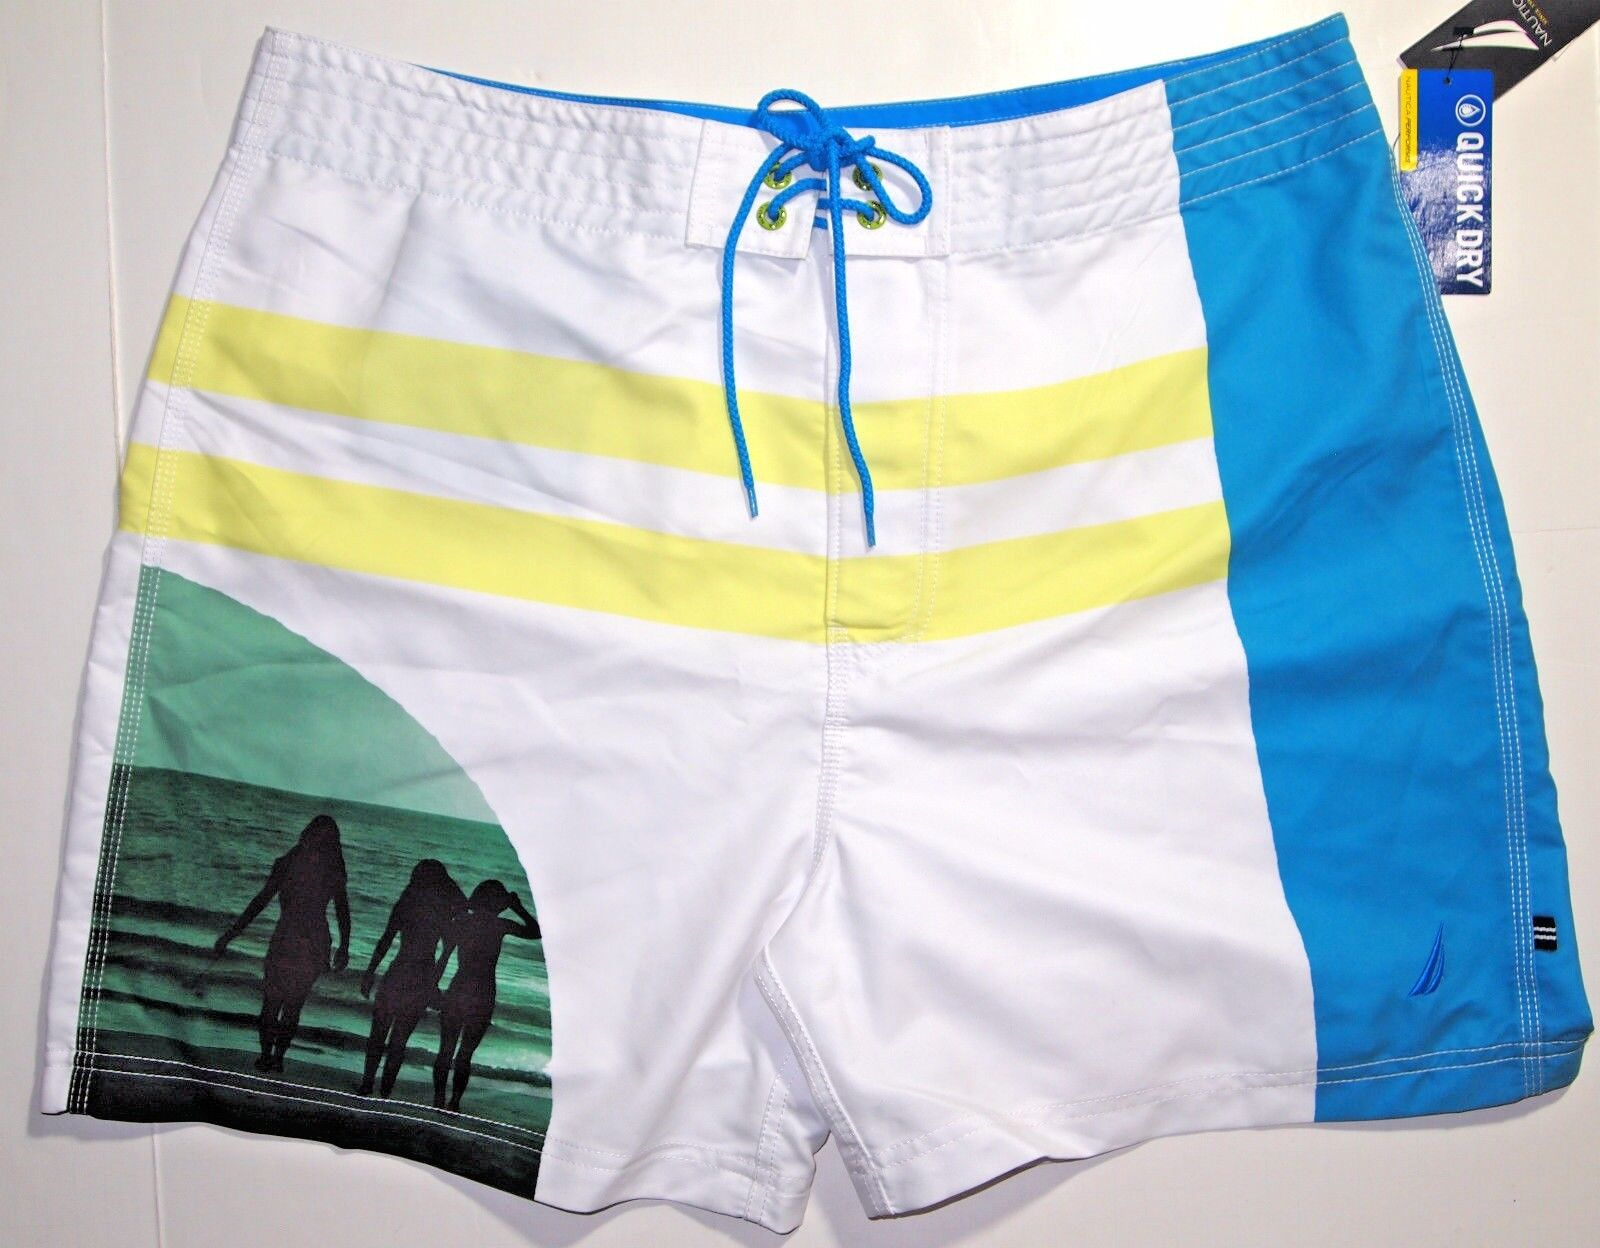 Nautica photo swimwear trunks size 34 NEW on SALE